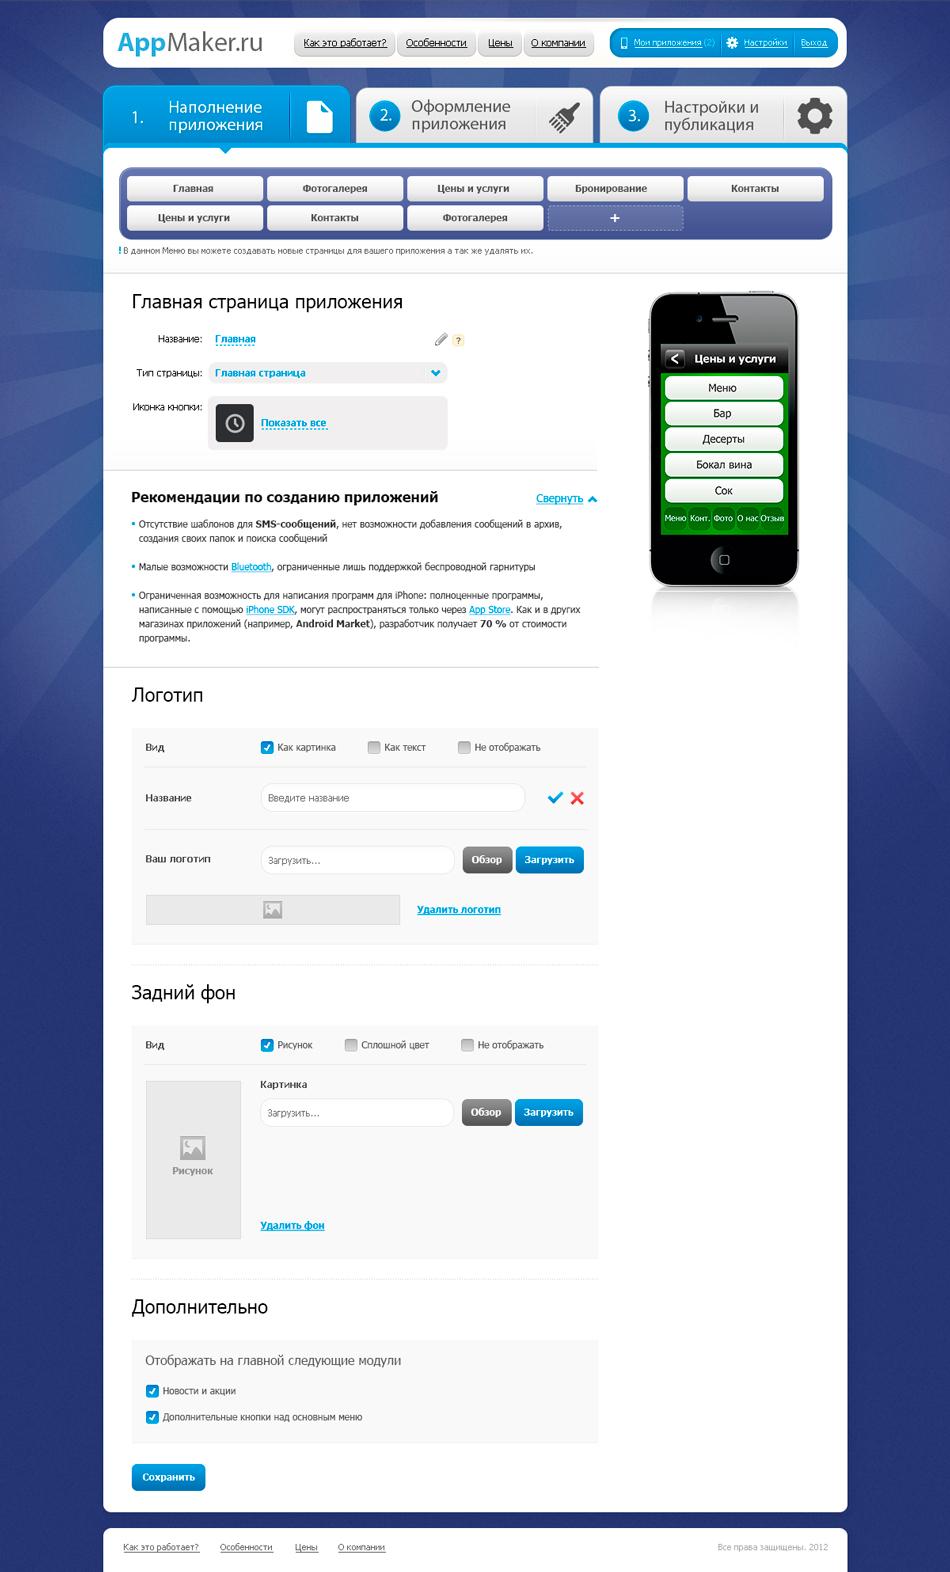 AppMaker - разработка мобильных приложений